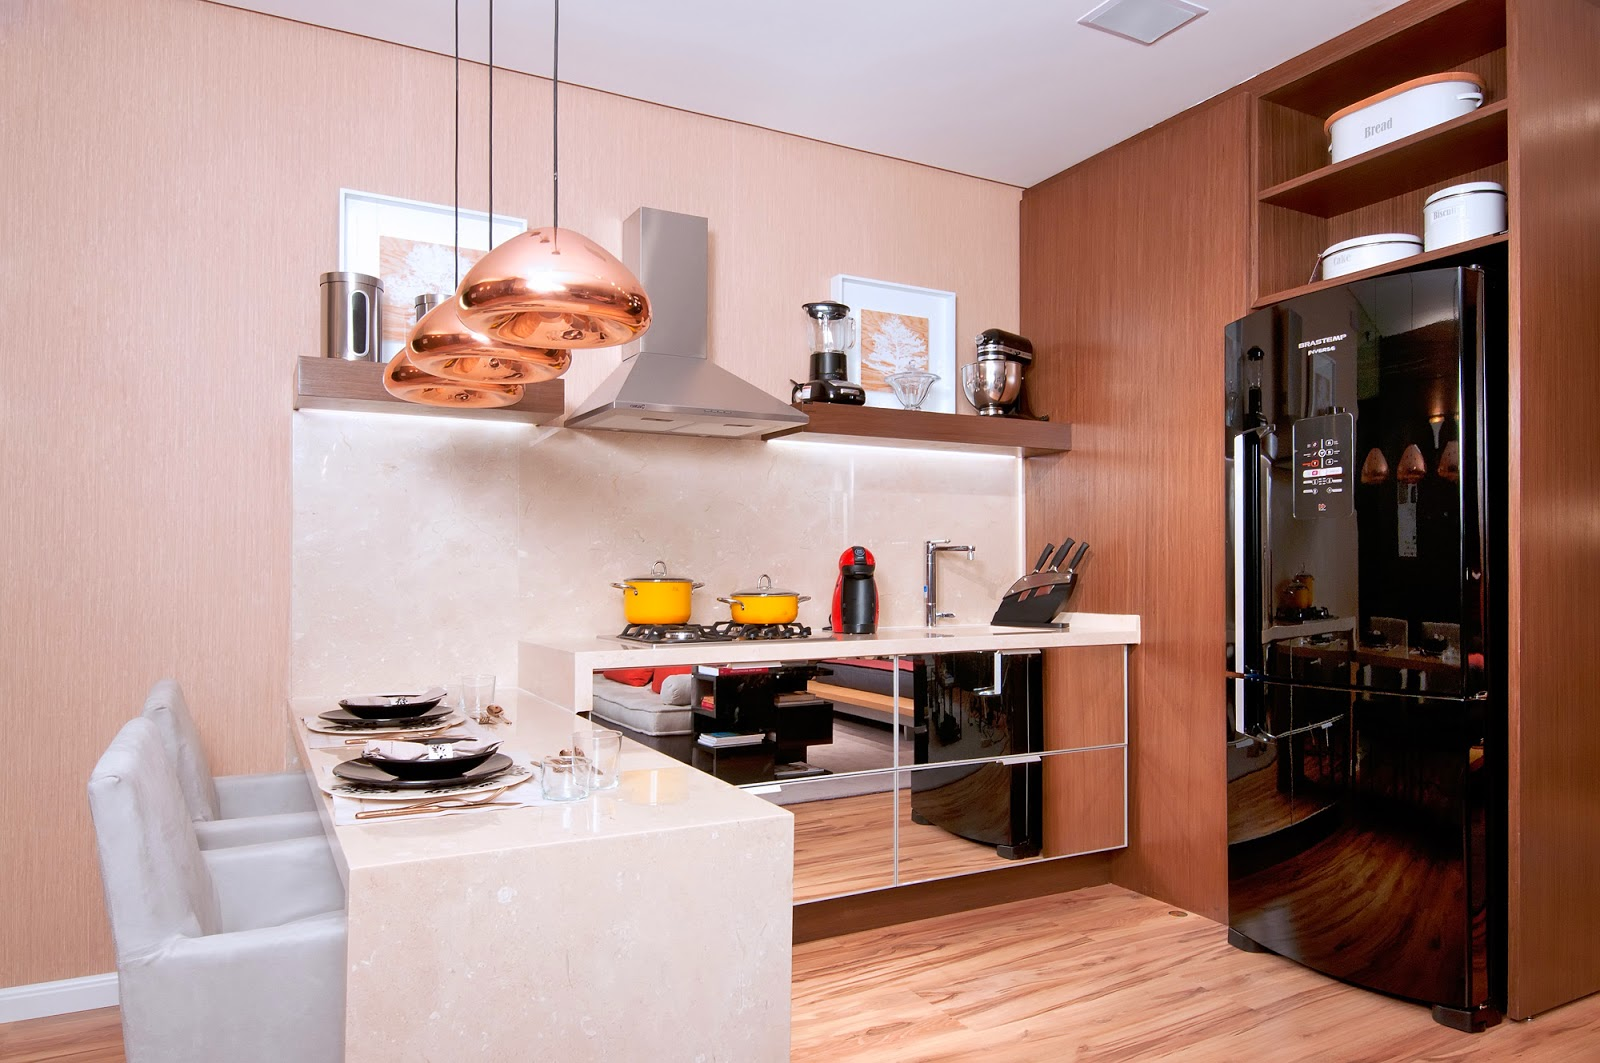 #CA9501 Cozinhas Pequenas Modernas e Planejadas – veja modelos e dicas  1600x1063 px Projetos De Cozinhas Modernas E Pequenas #619 imagens